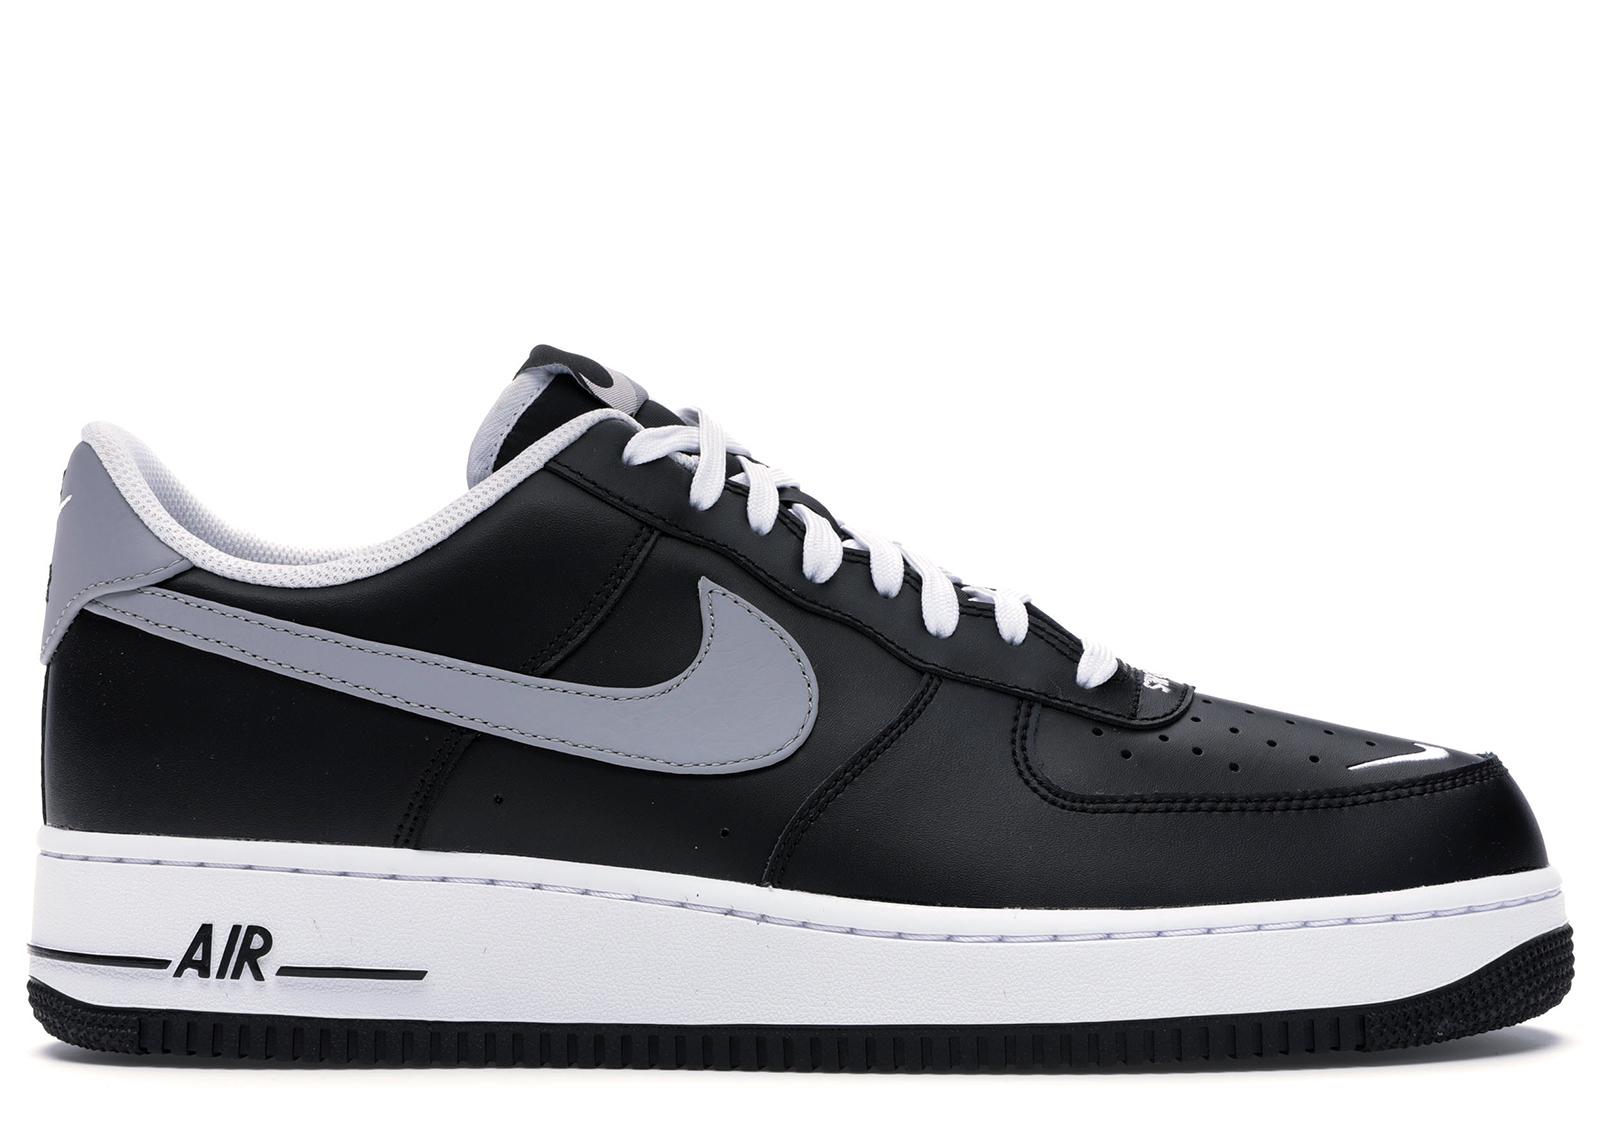 Nike Air Force 1 Low Swoosh Pack Black